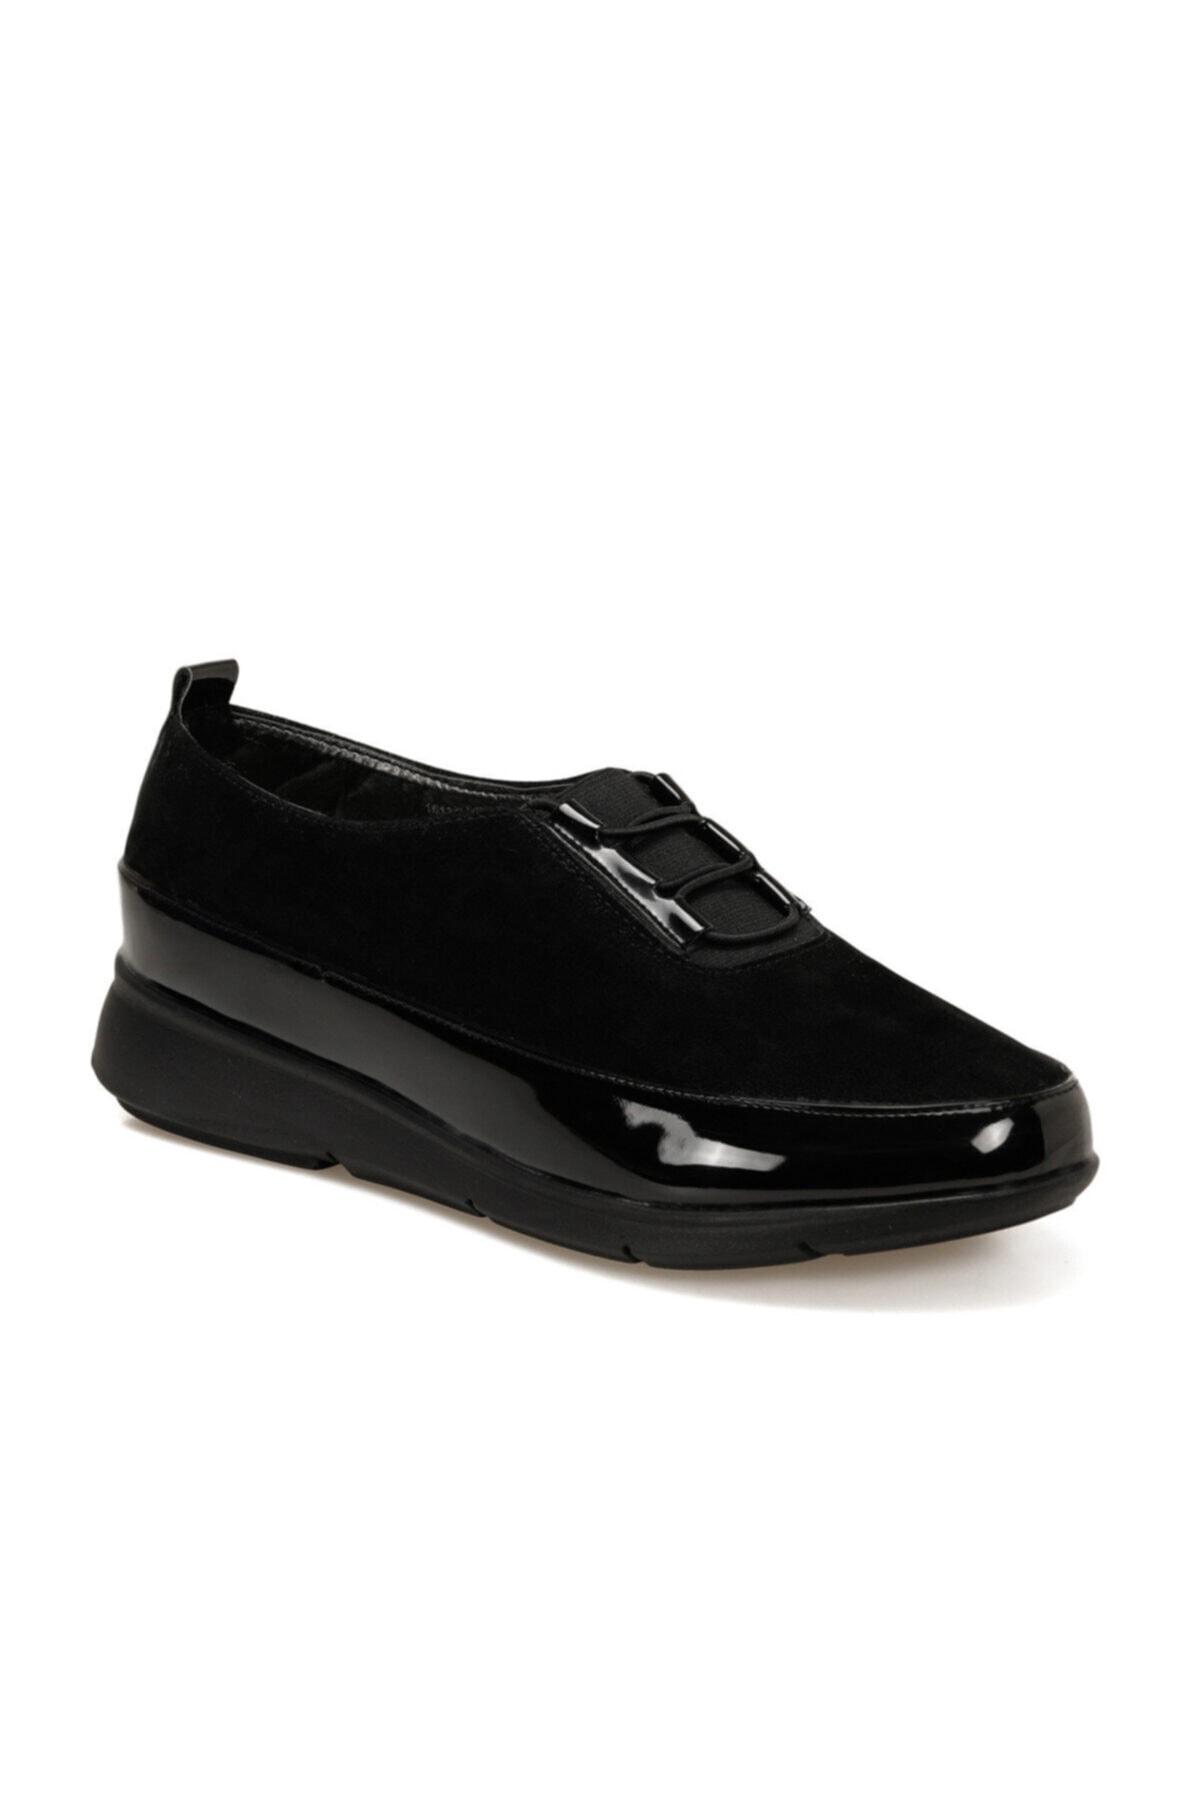 Polaris 161317.RZ Siyah Kadın Comfort Ayakkabı 100548299 1